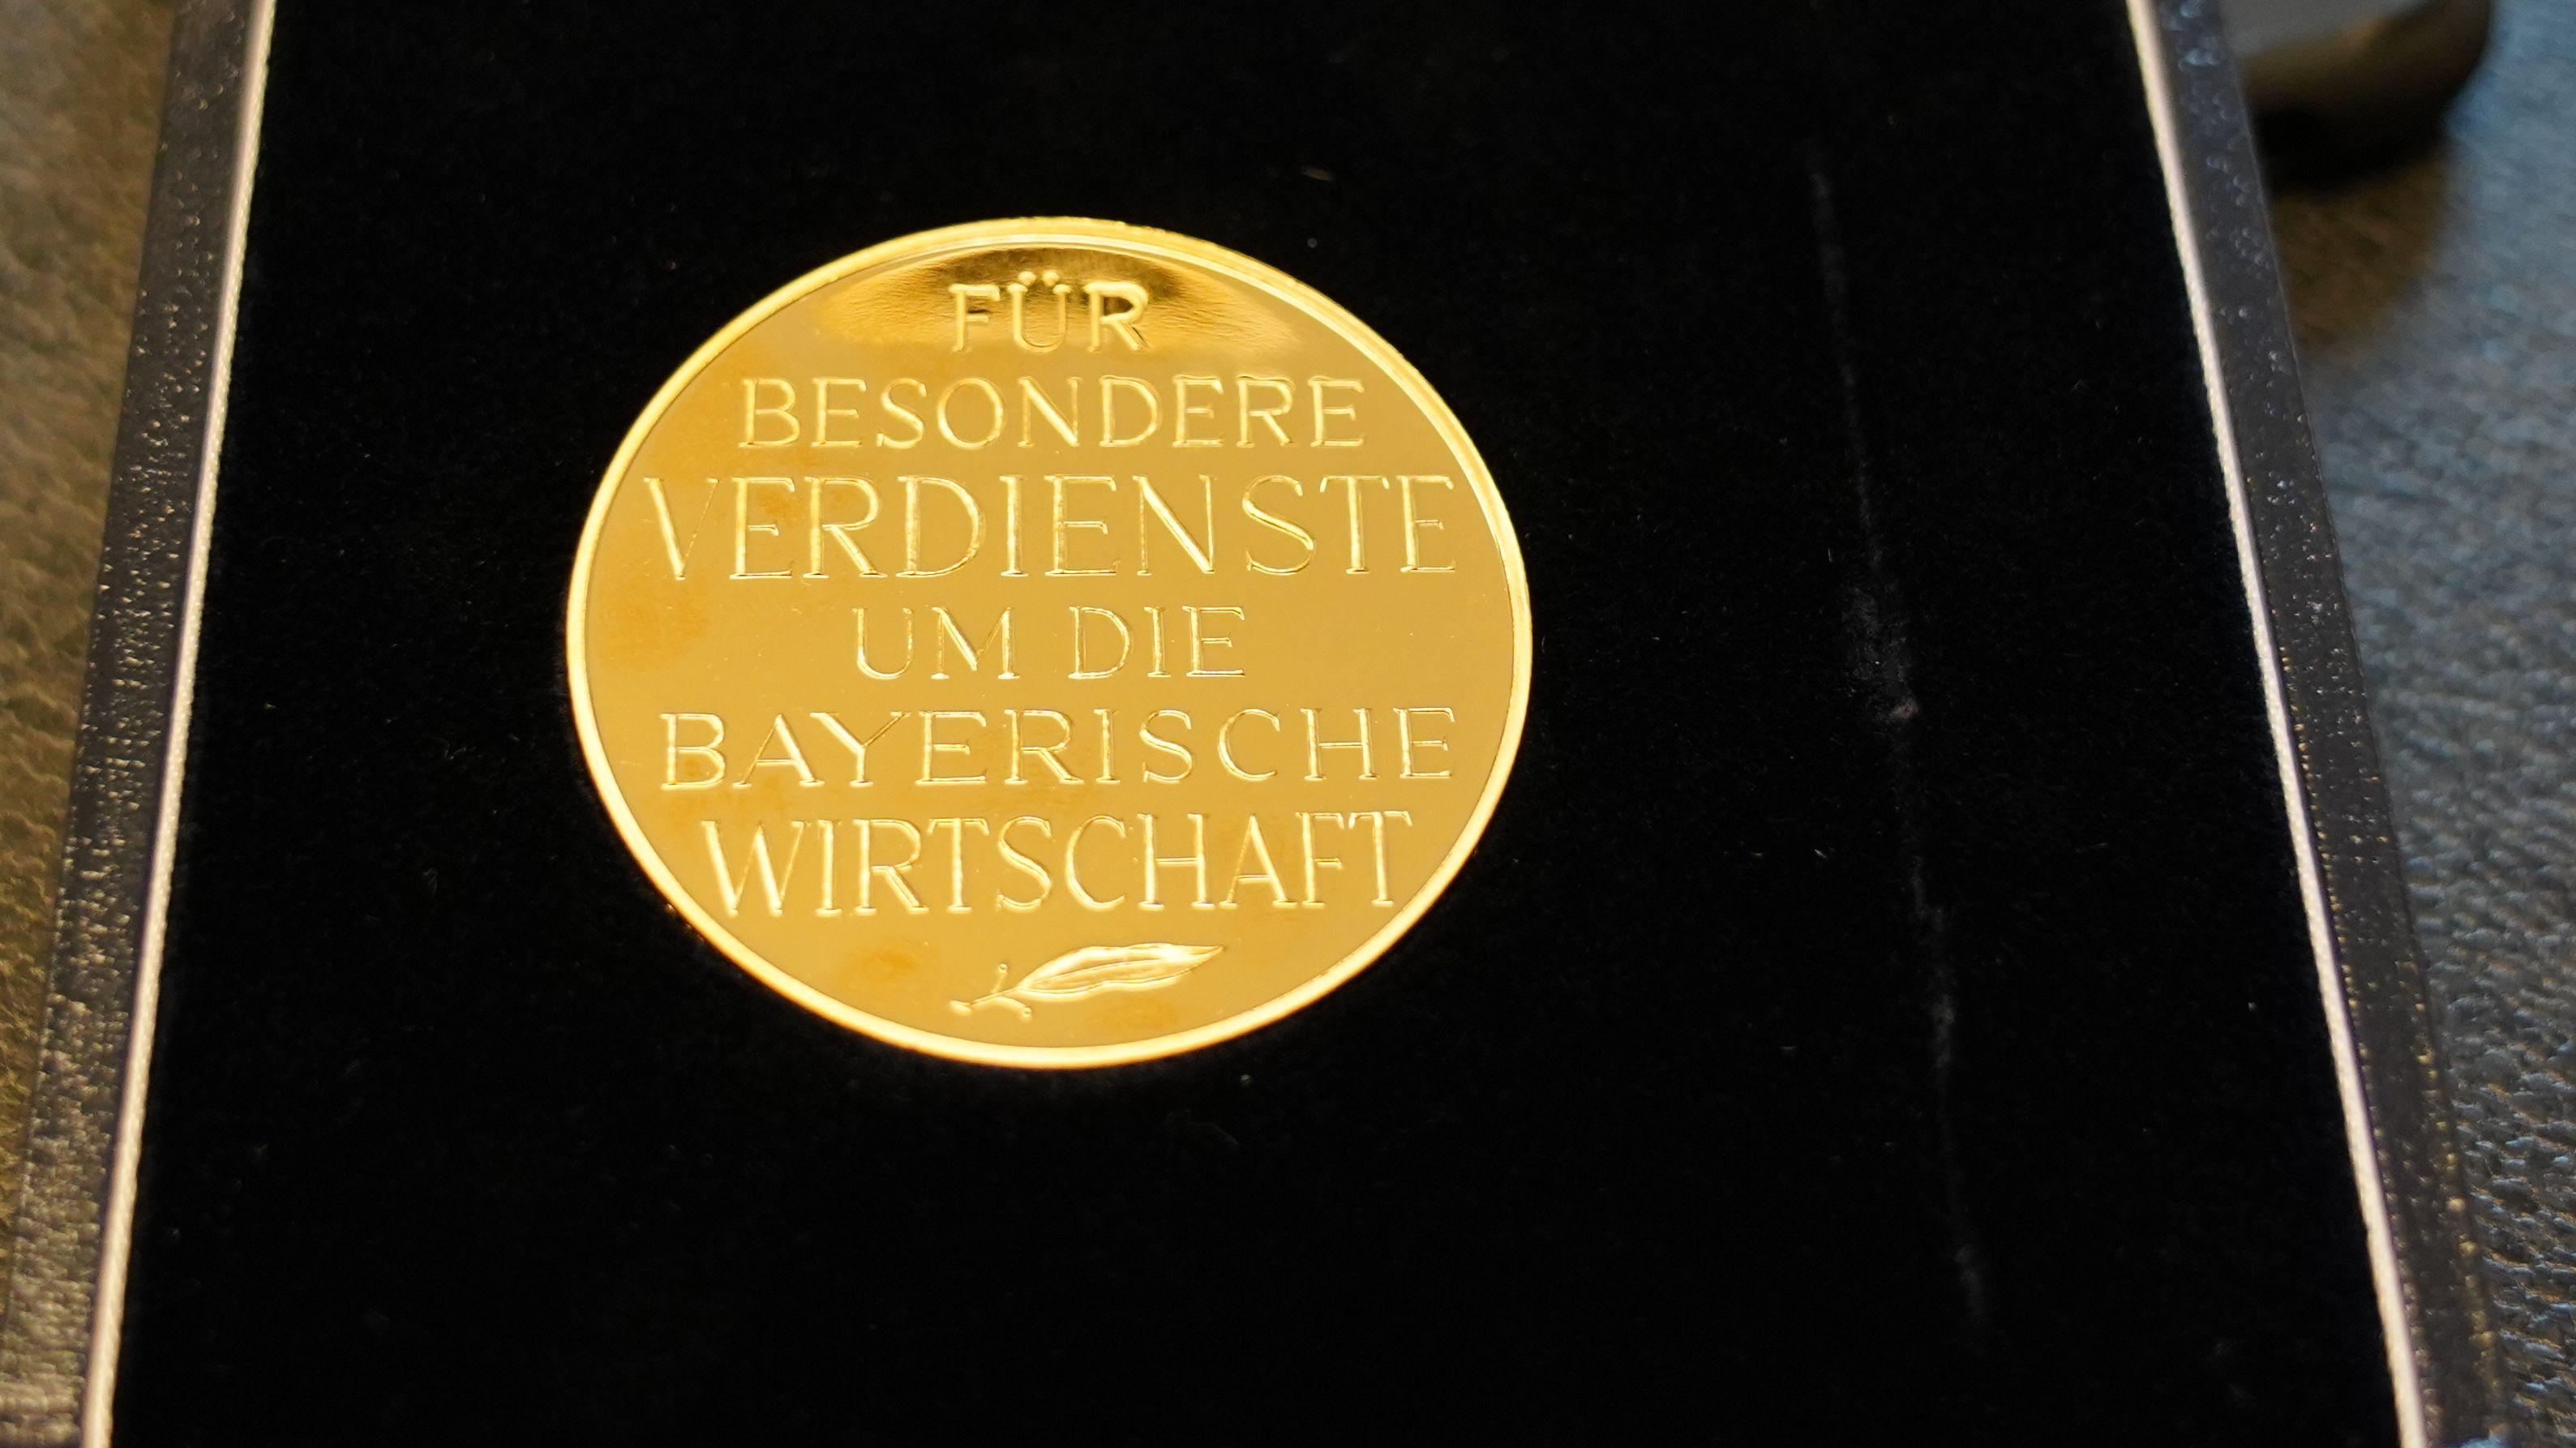 Staatsmedaille für besondere Verdienste um die bayerische Wirtschaft